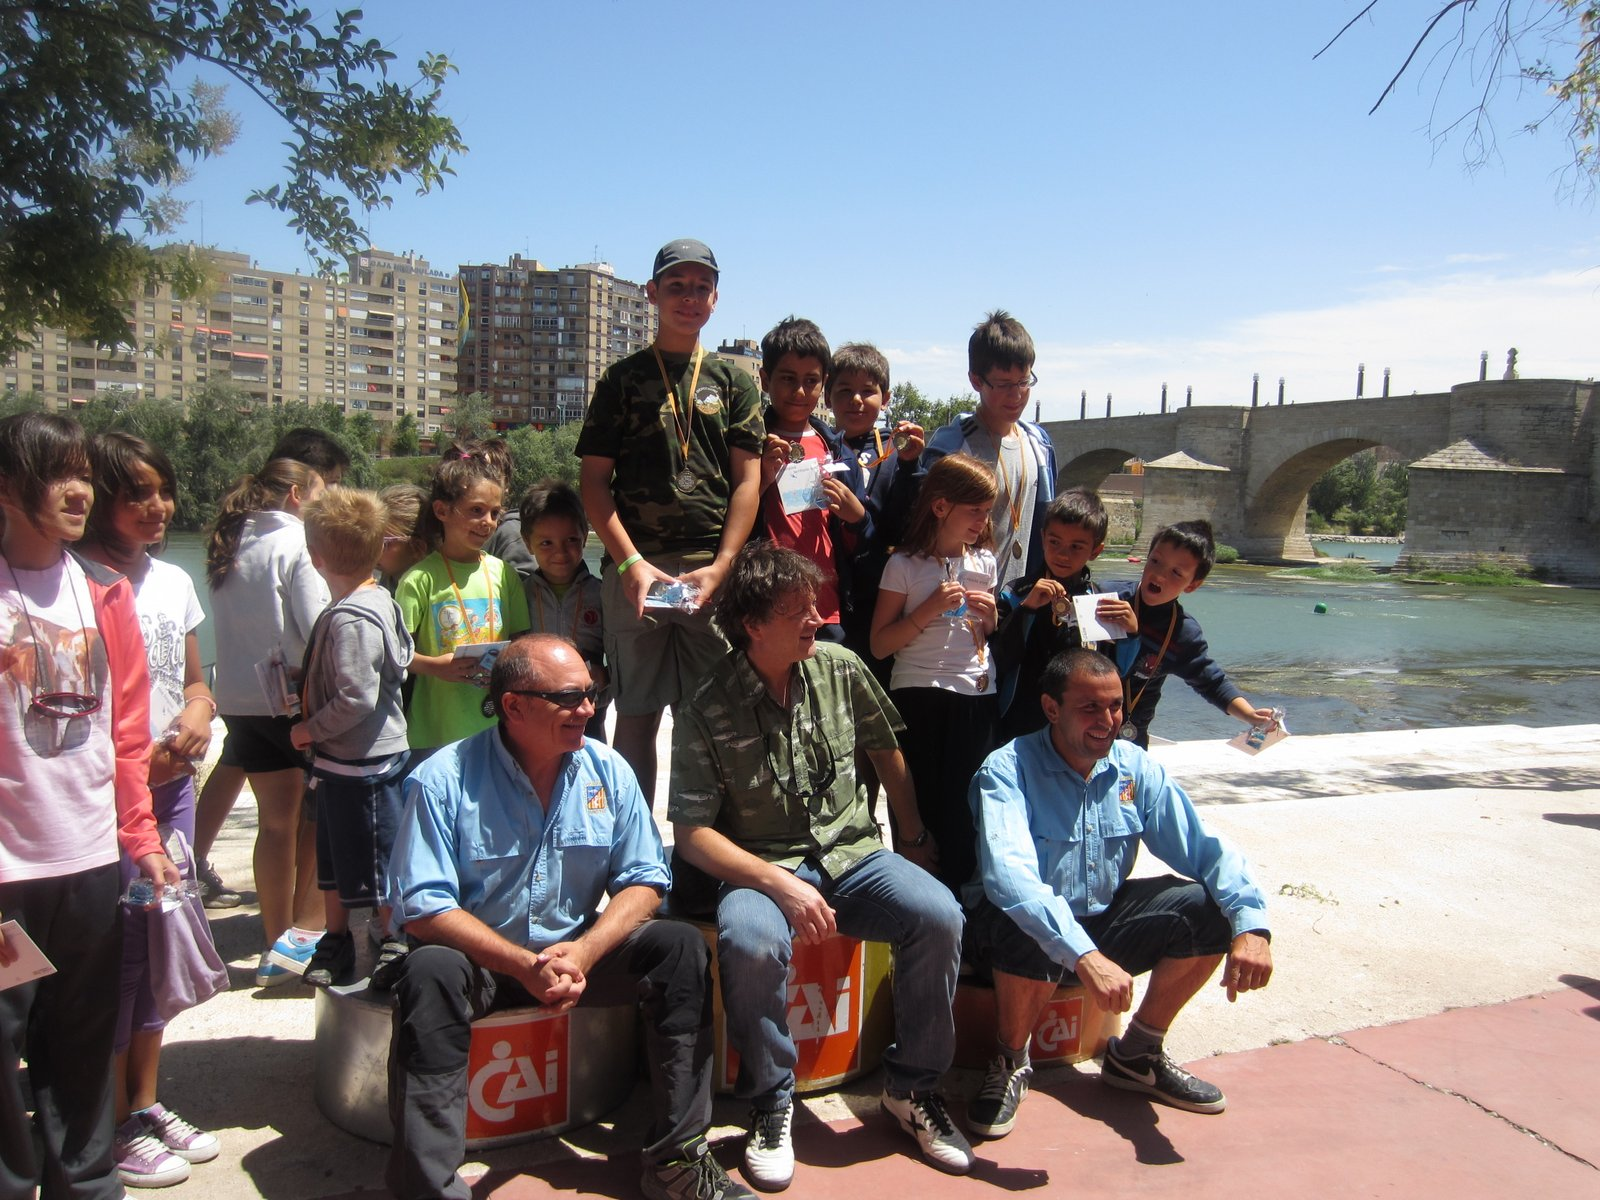 Club n utico zaragoza entrega de premios concurso de pesca - Club nautico zaragoza ...